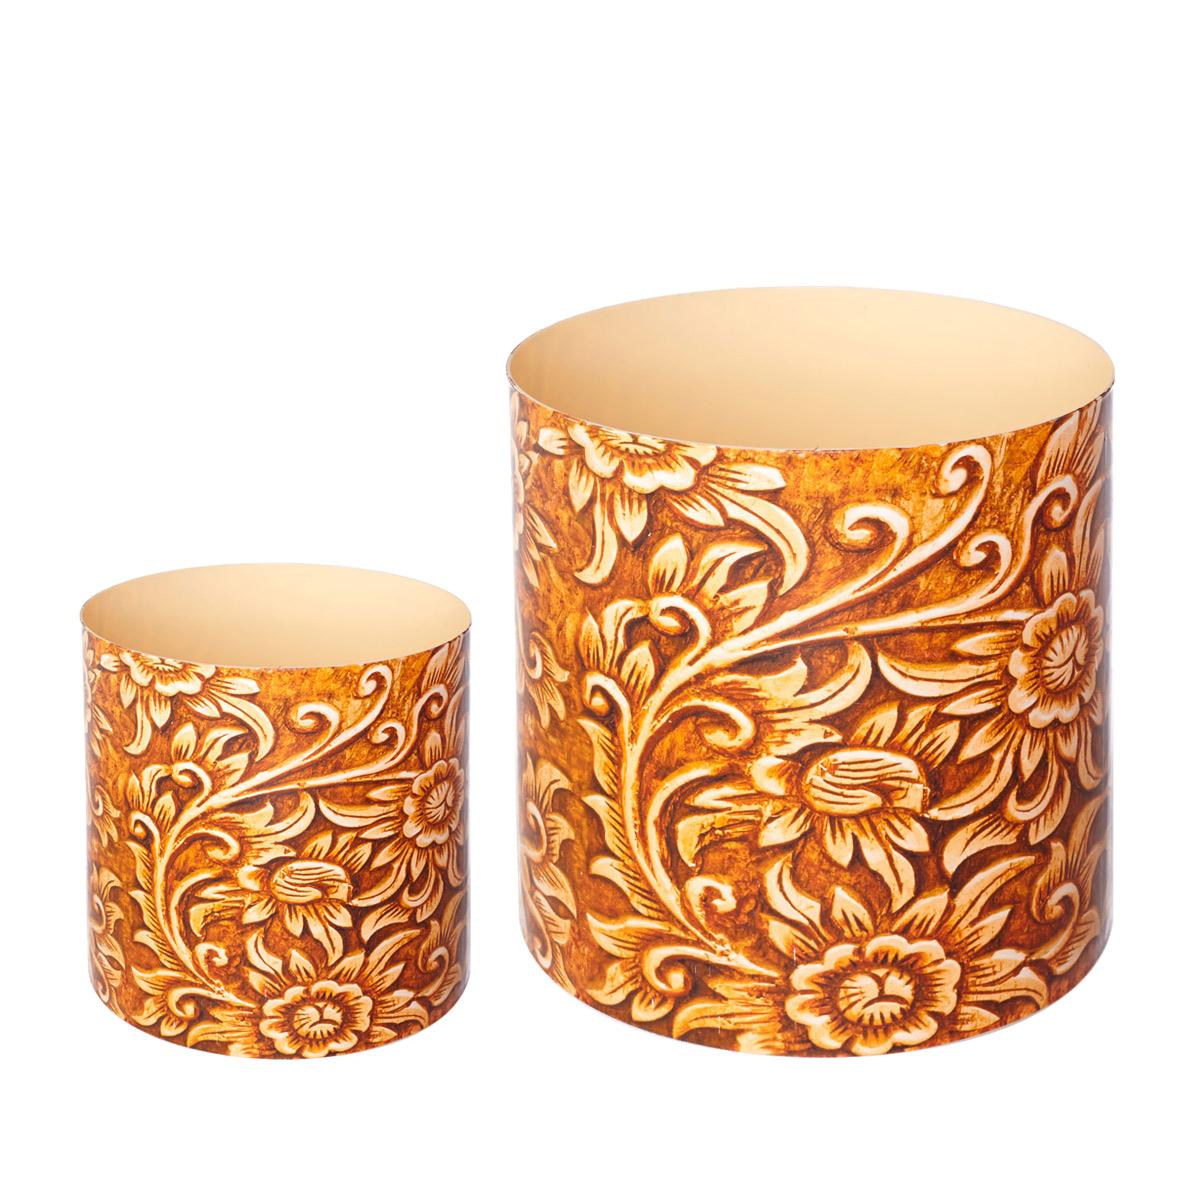 Набор горшков для цветов Miolla Резное дерево, со скрытым поддоном, 2 штSMG-SET5Набор Miolla Резное дерево состоит из 2 декоративных горшков для цветов разного объема. Горшки выполнены из прочного полипропилена c 3D рисунком. Хорошо будут смотреться как основа для топиариев и флористических композиций. Также замечательно подходят для комнатных цветов. Горшки снабжены скрытым поддоном. Объем горшков: 1,7 л, 5,1 л.